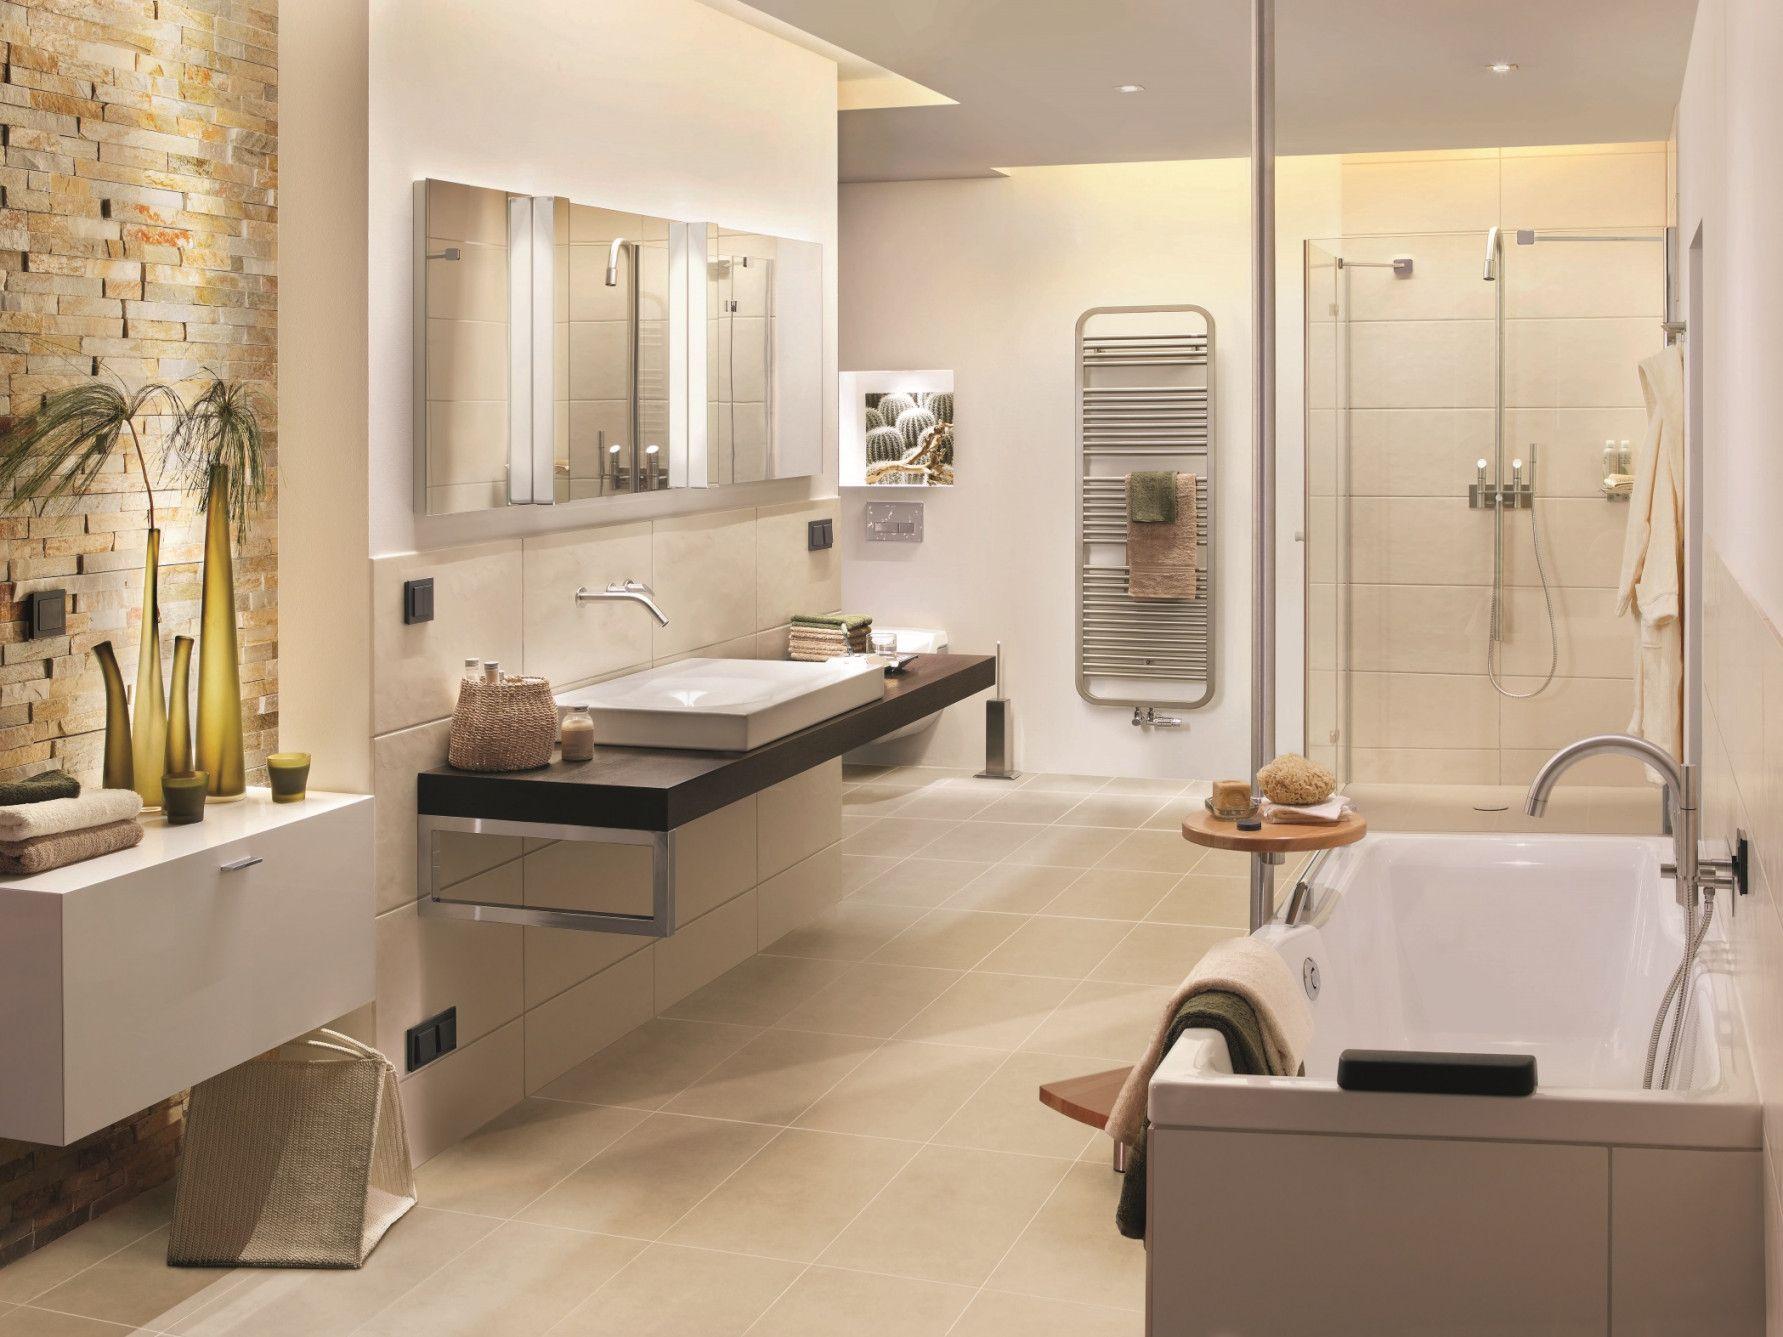 Badrenovierung Von Kleines Bad Renovieren Ideen Bild Badezimmer Renovieren Kleines Bad Renovieren Bad Renovieren